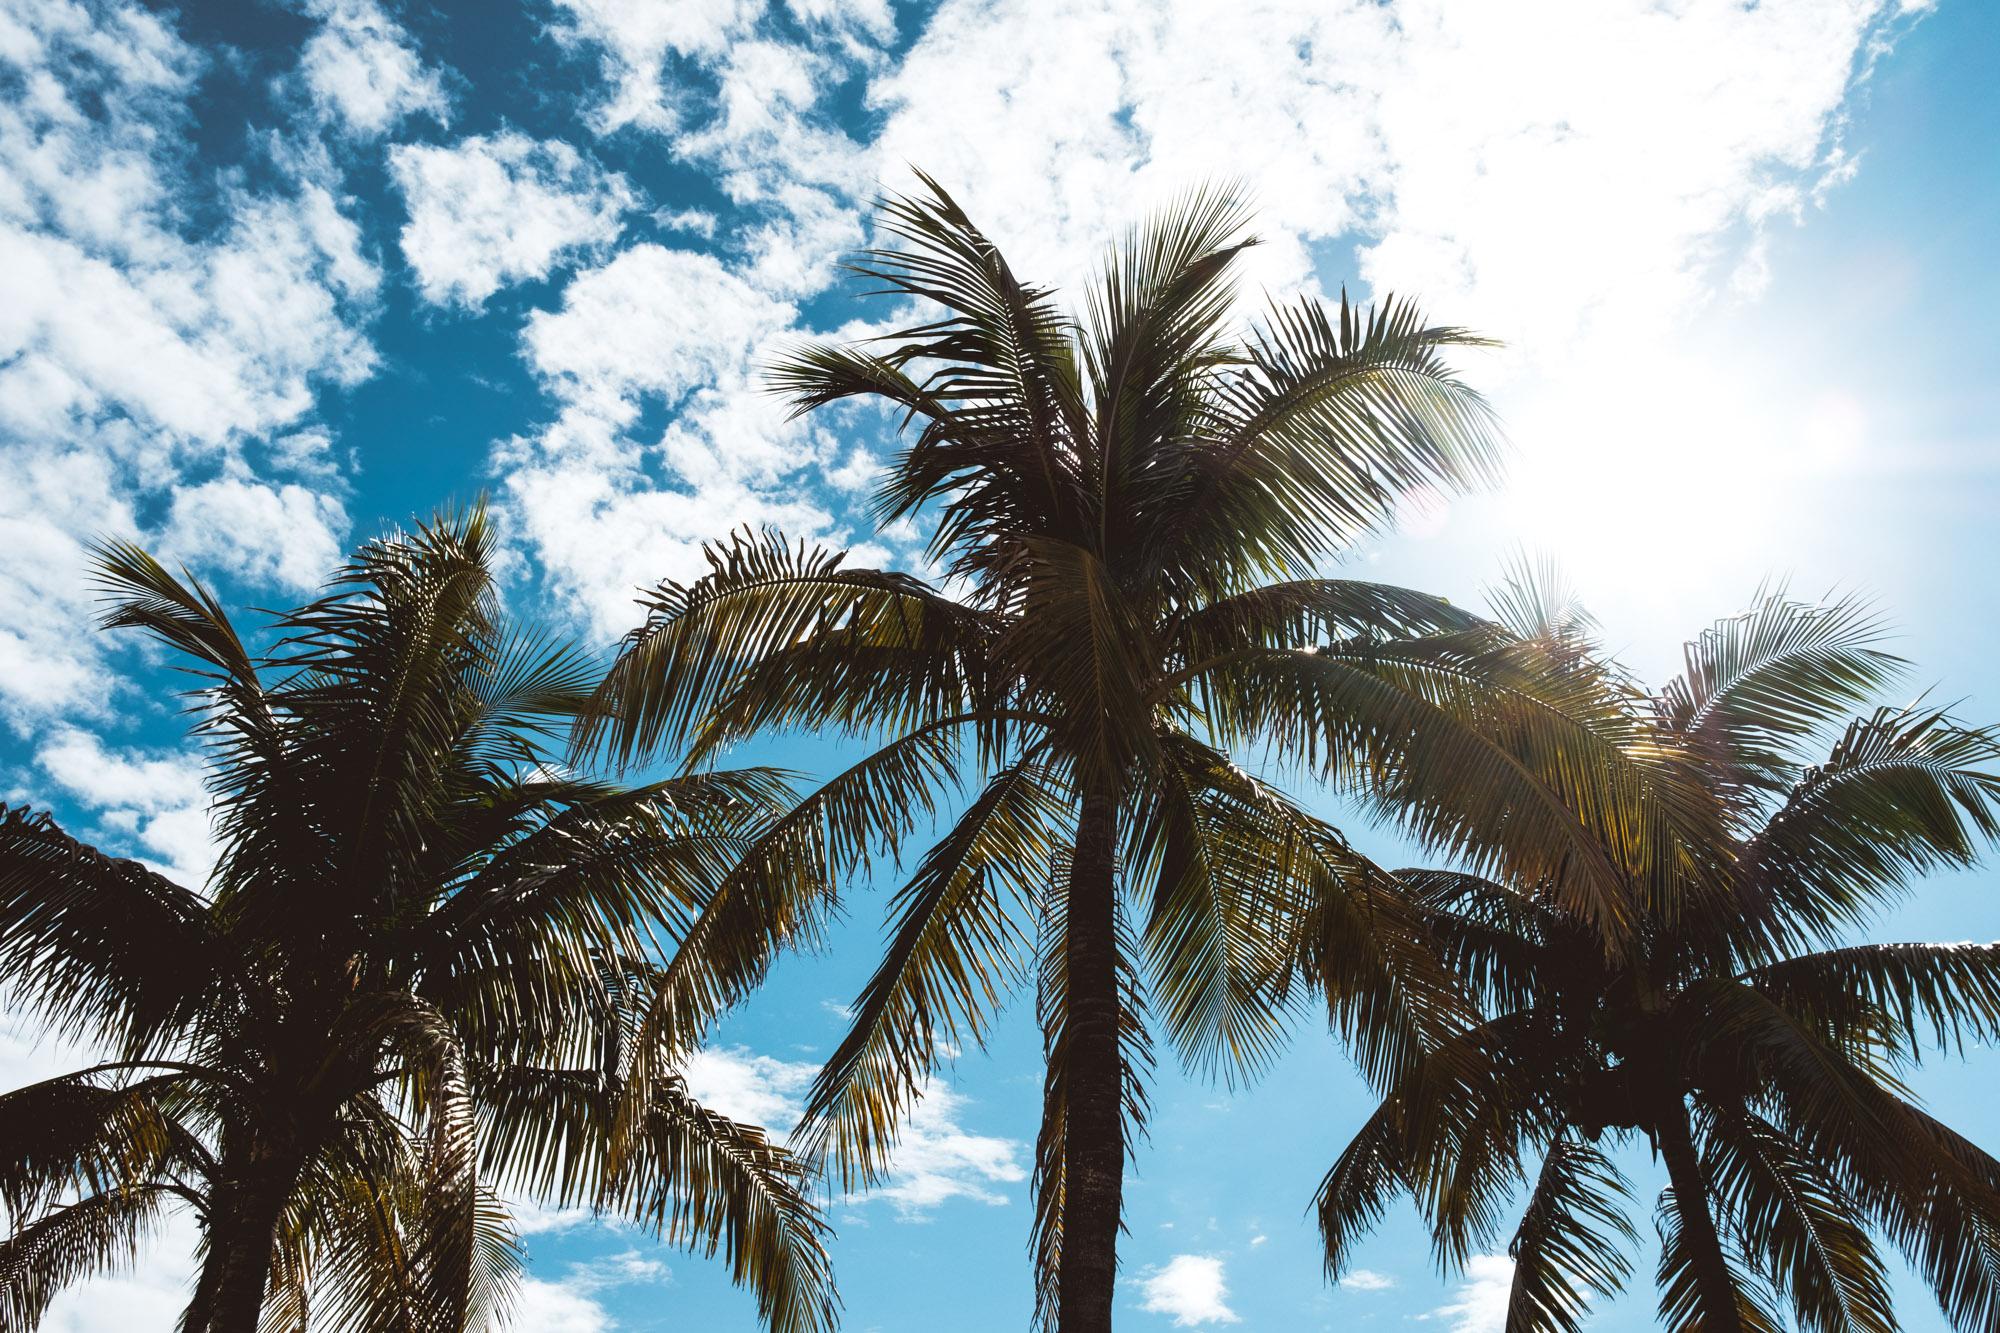 palm-trees-miami-florida